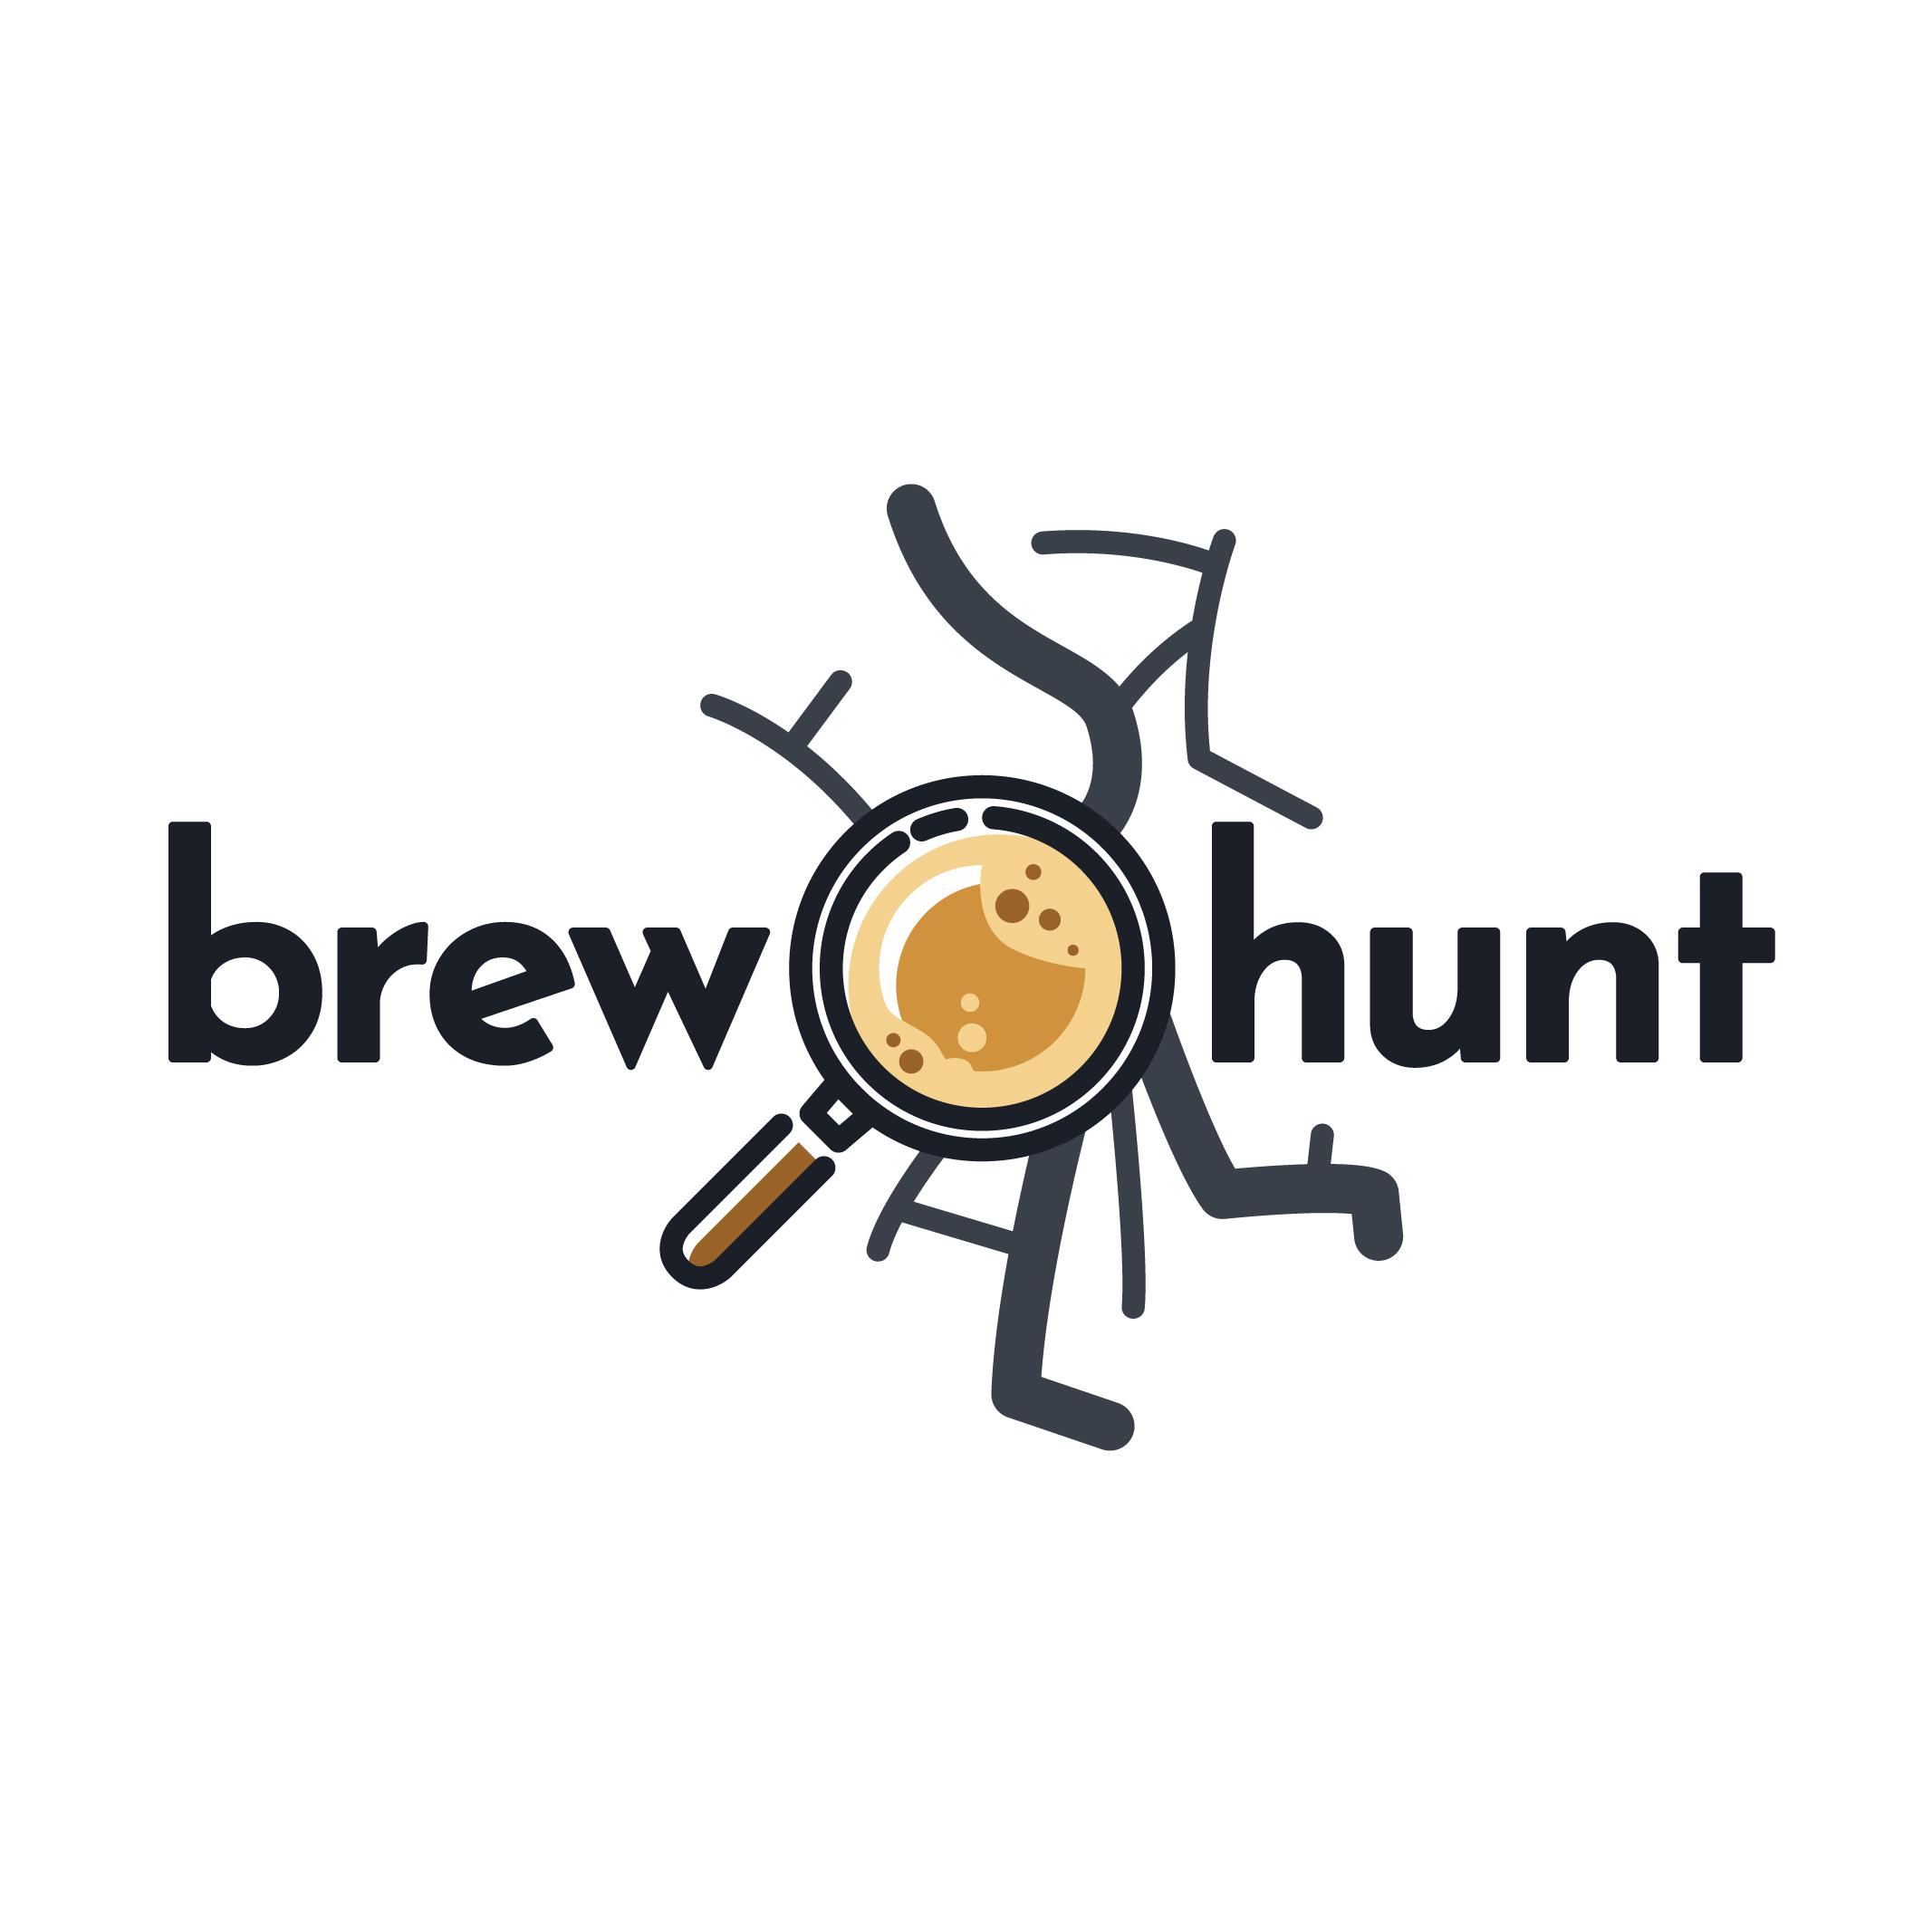 Brewhunt-01.jpg